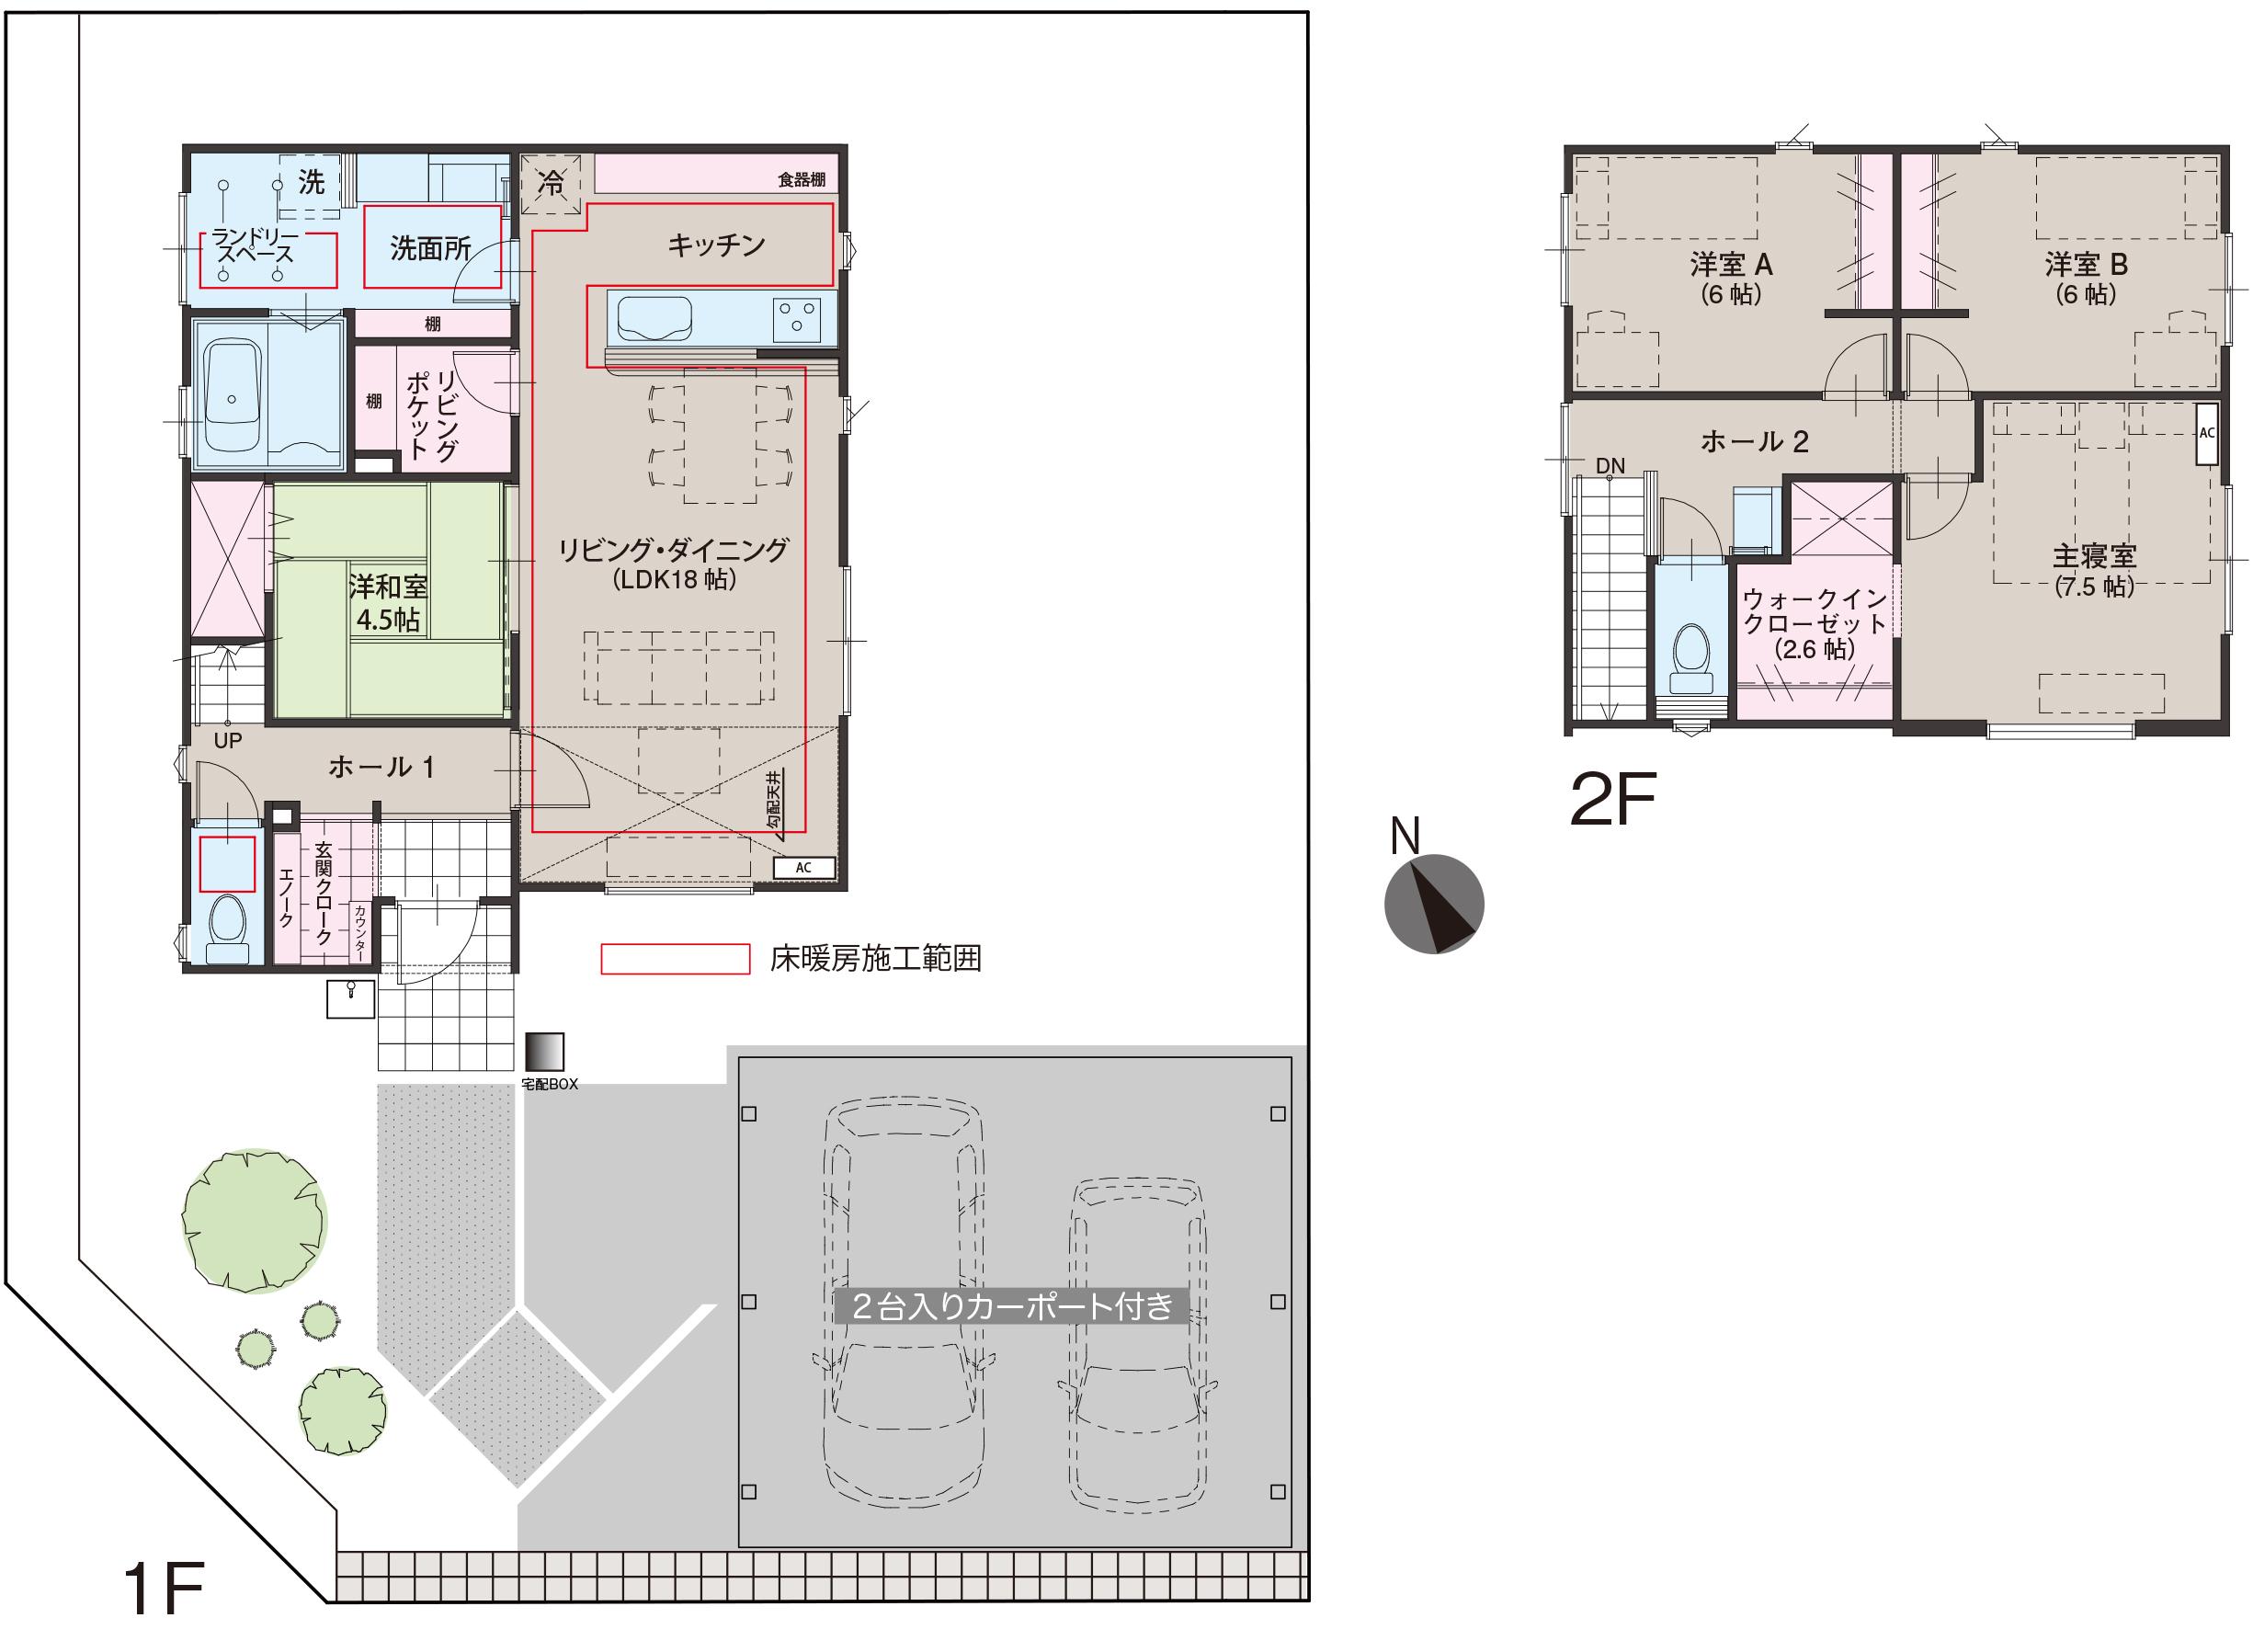 【Co.マチ滑川上小泉F8】|4LDK|滑川市上小泉|西部小学校区・プラント3近く|新築住宅|カーポート2台分|床暖房の間取り